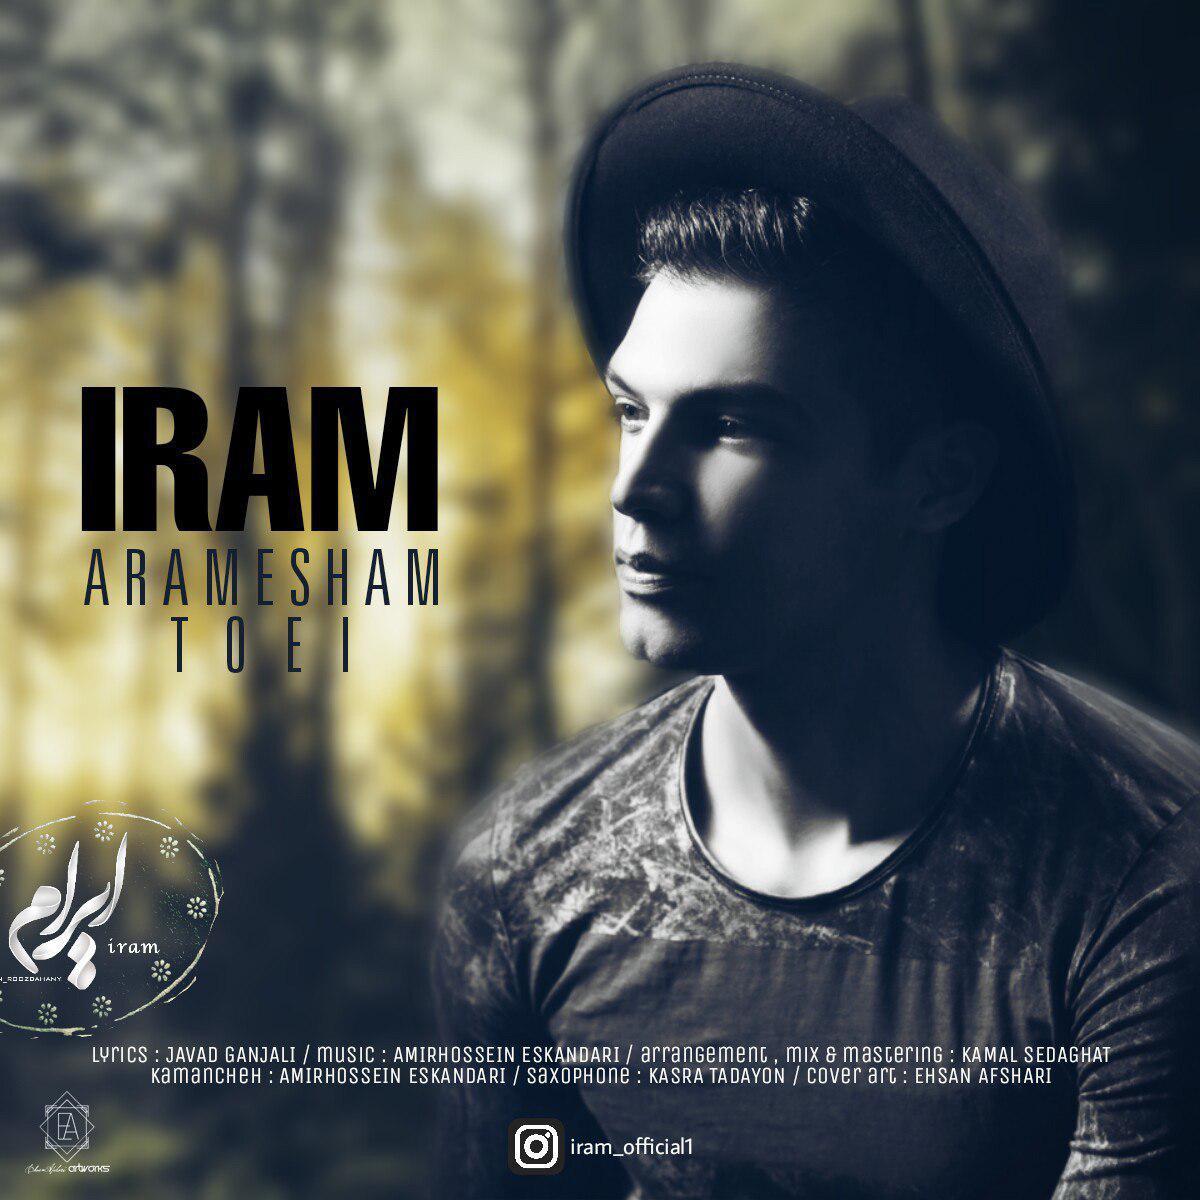 دانلود آهنگ جدید ایرام به نام آرامشم تویی